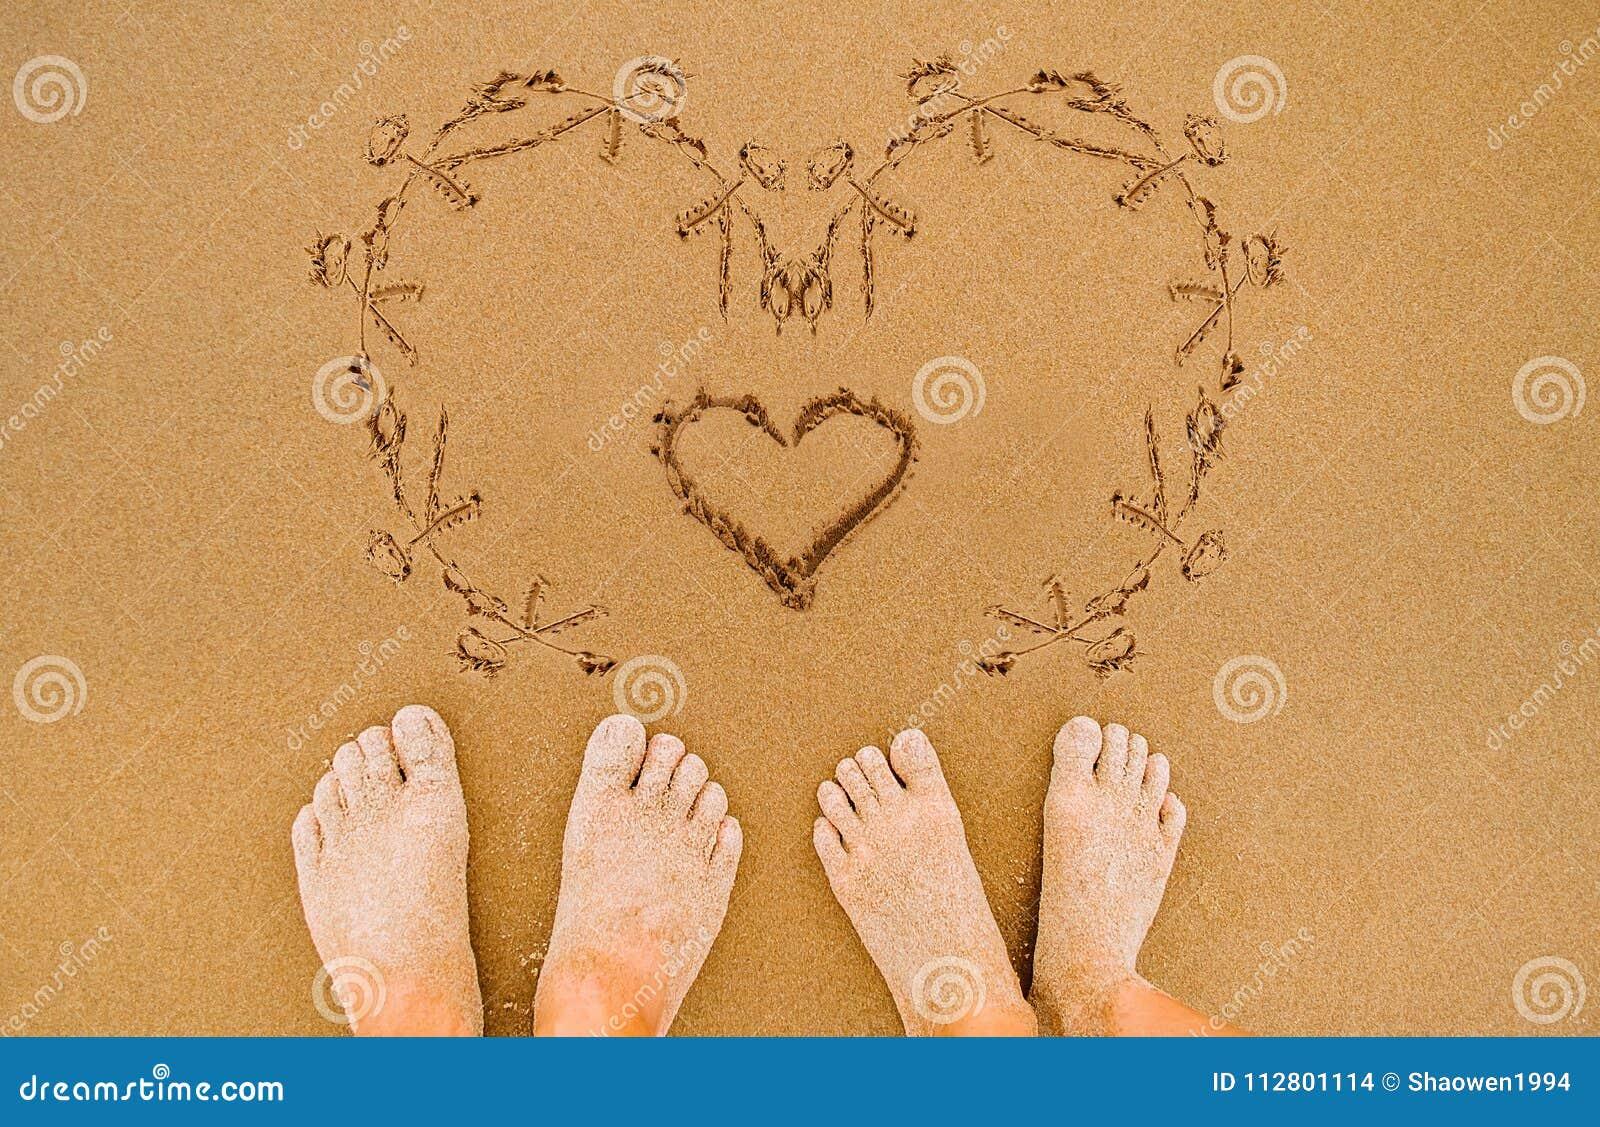 Coeur Romantique De Dessin Damour Sur La Plage Photo Stock